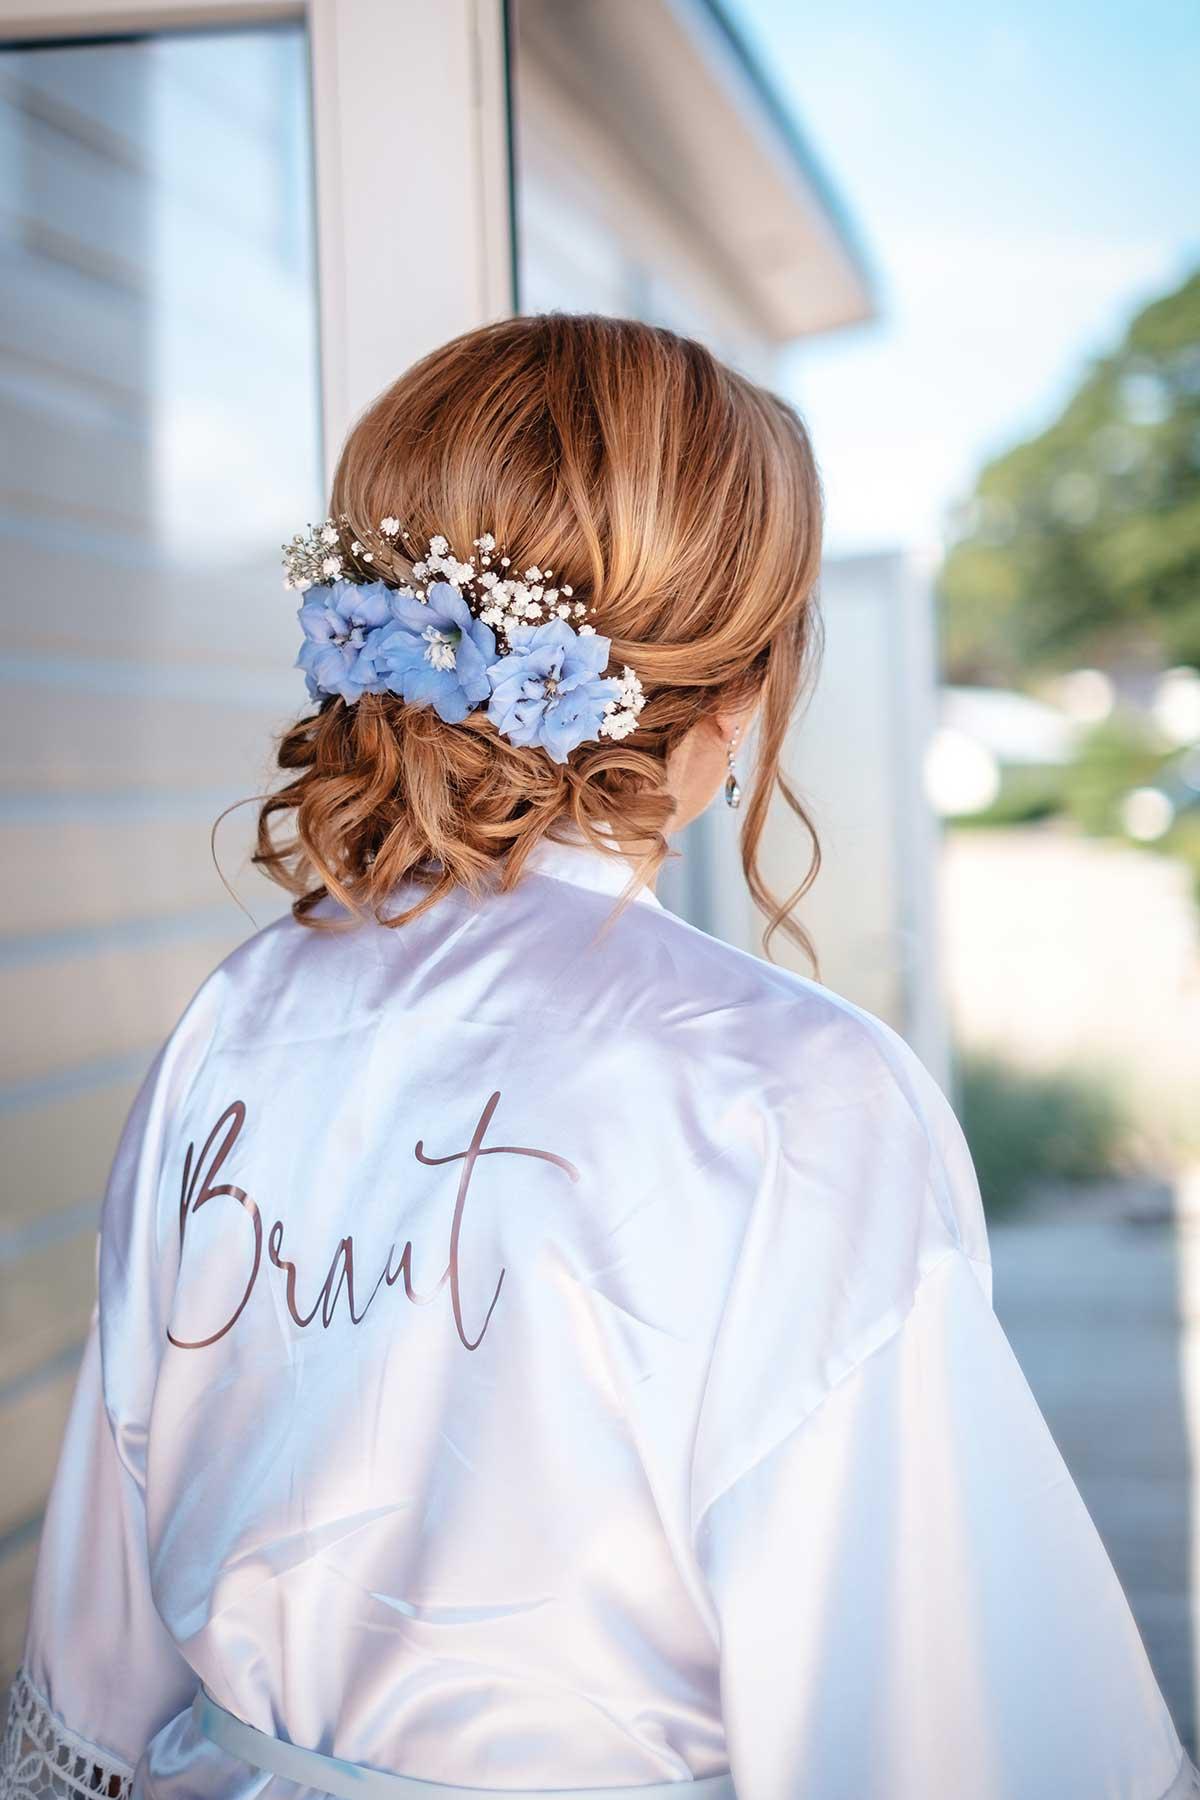 Braut im Morgenmantel mit Blumen im Haar